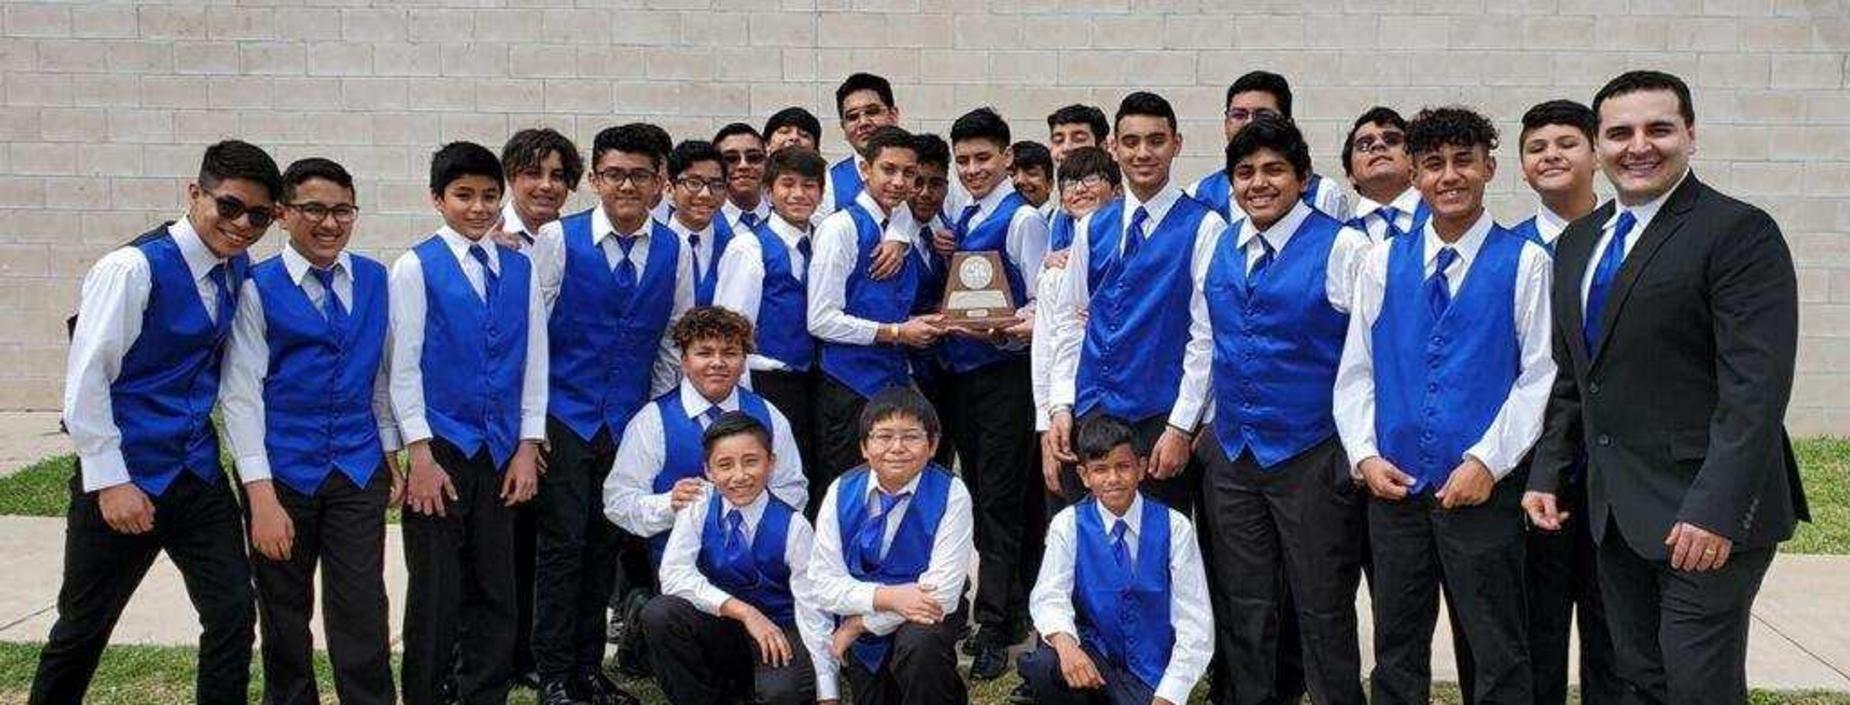 Boys' Varsity